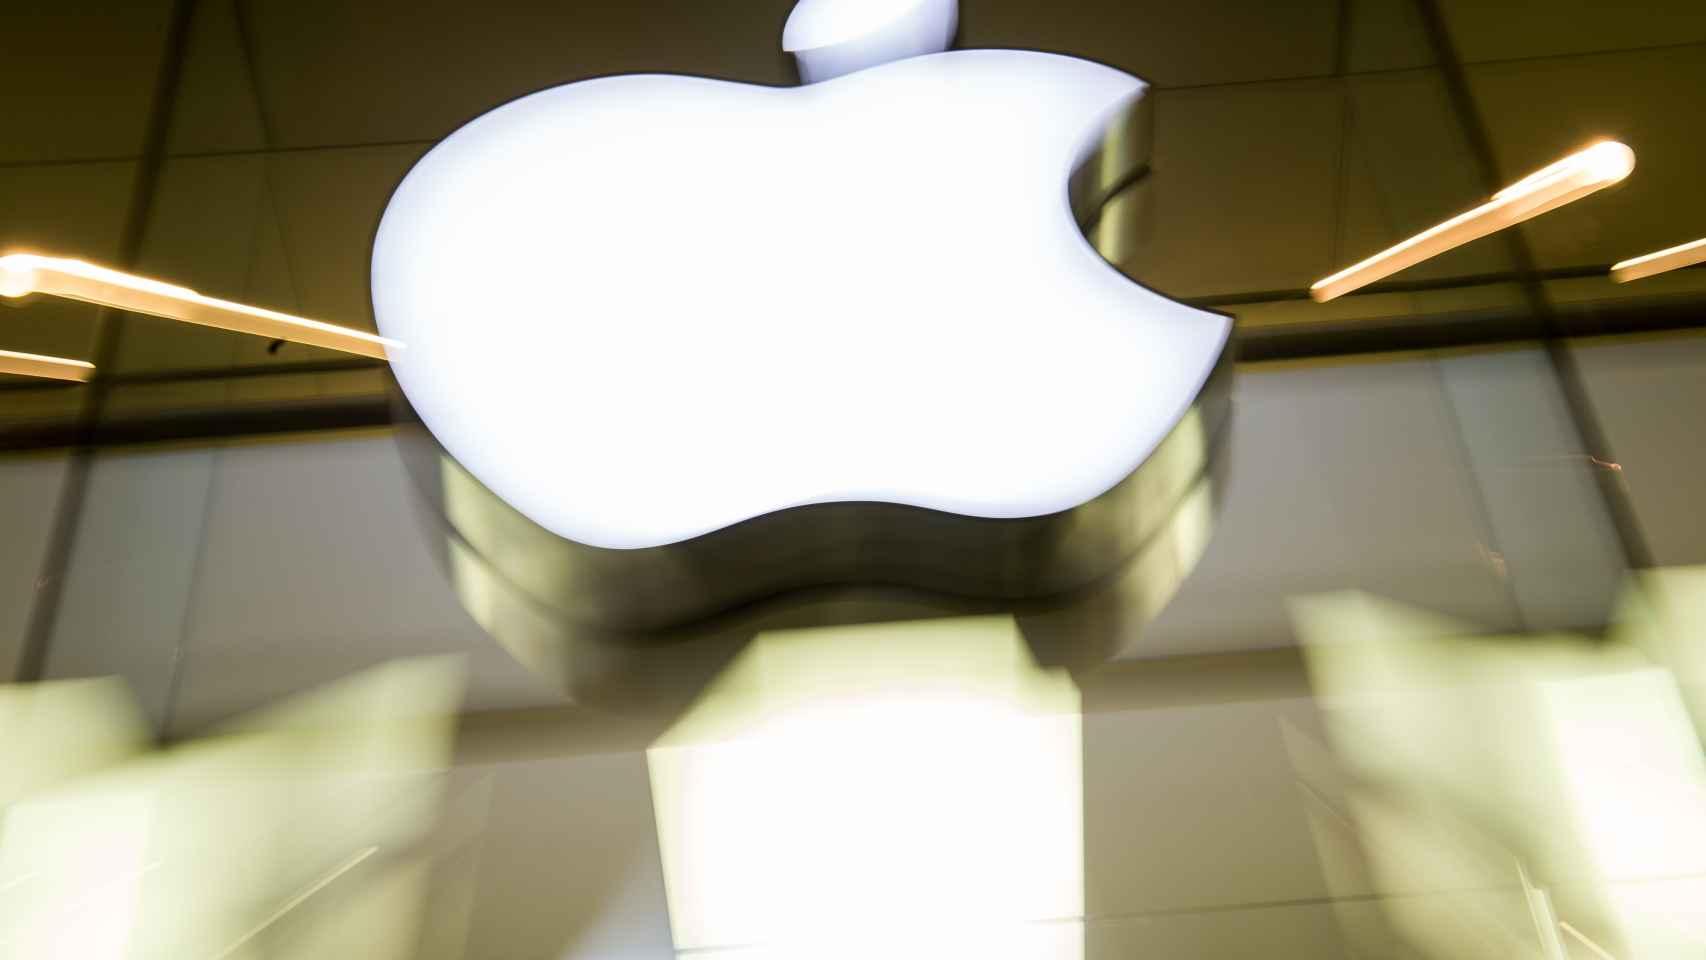 El TUE desvela hoy si Bruselas acertó al exigir a Apple la devolución de 13.000 millones en ayudas ilegales